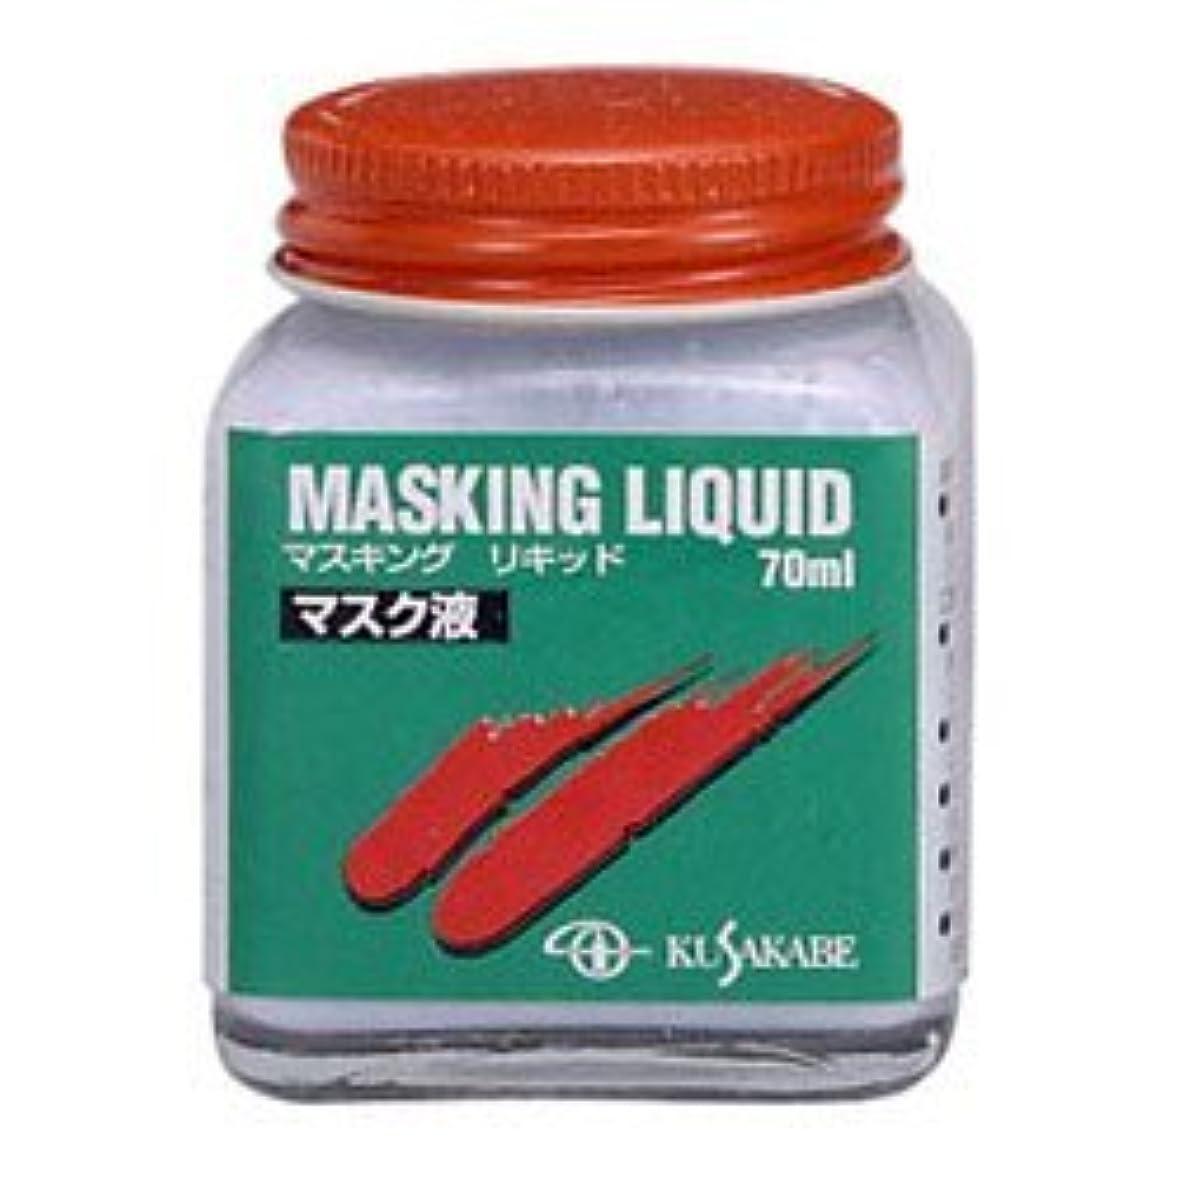 試験センチメンタル針クサカベ マスク液 70ml